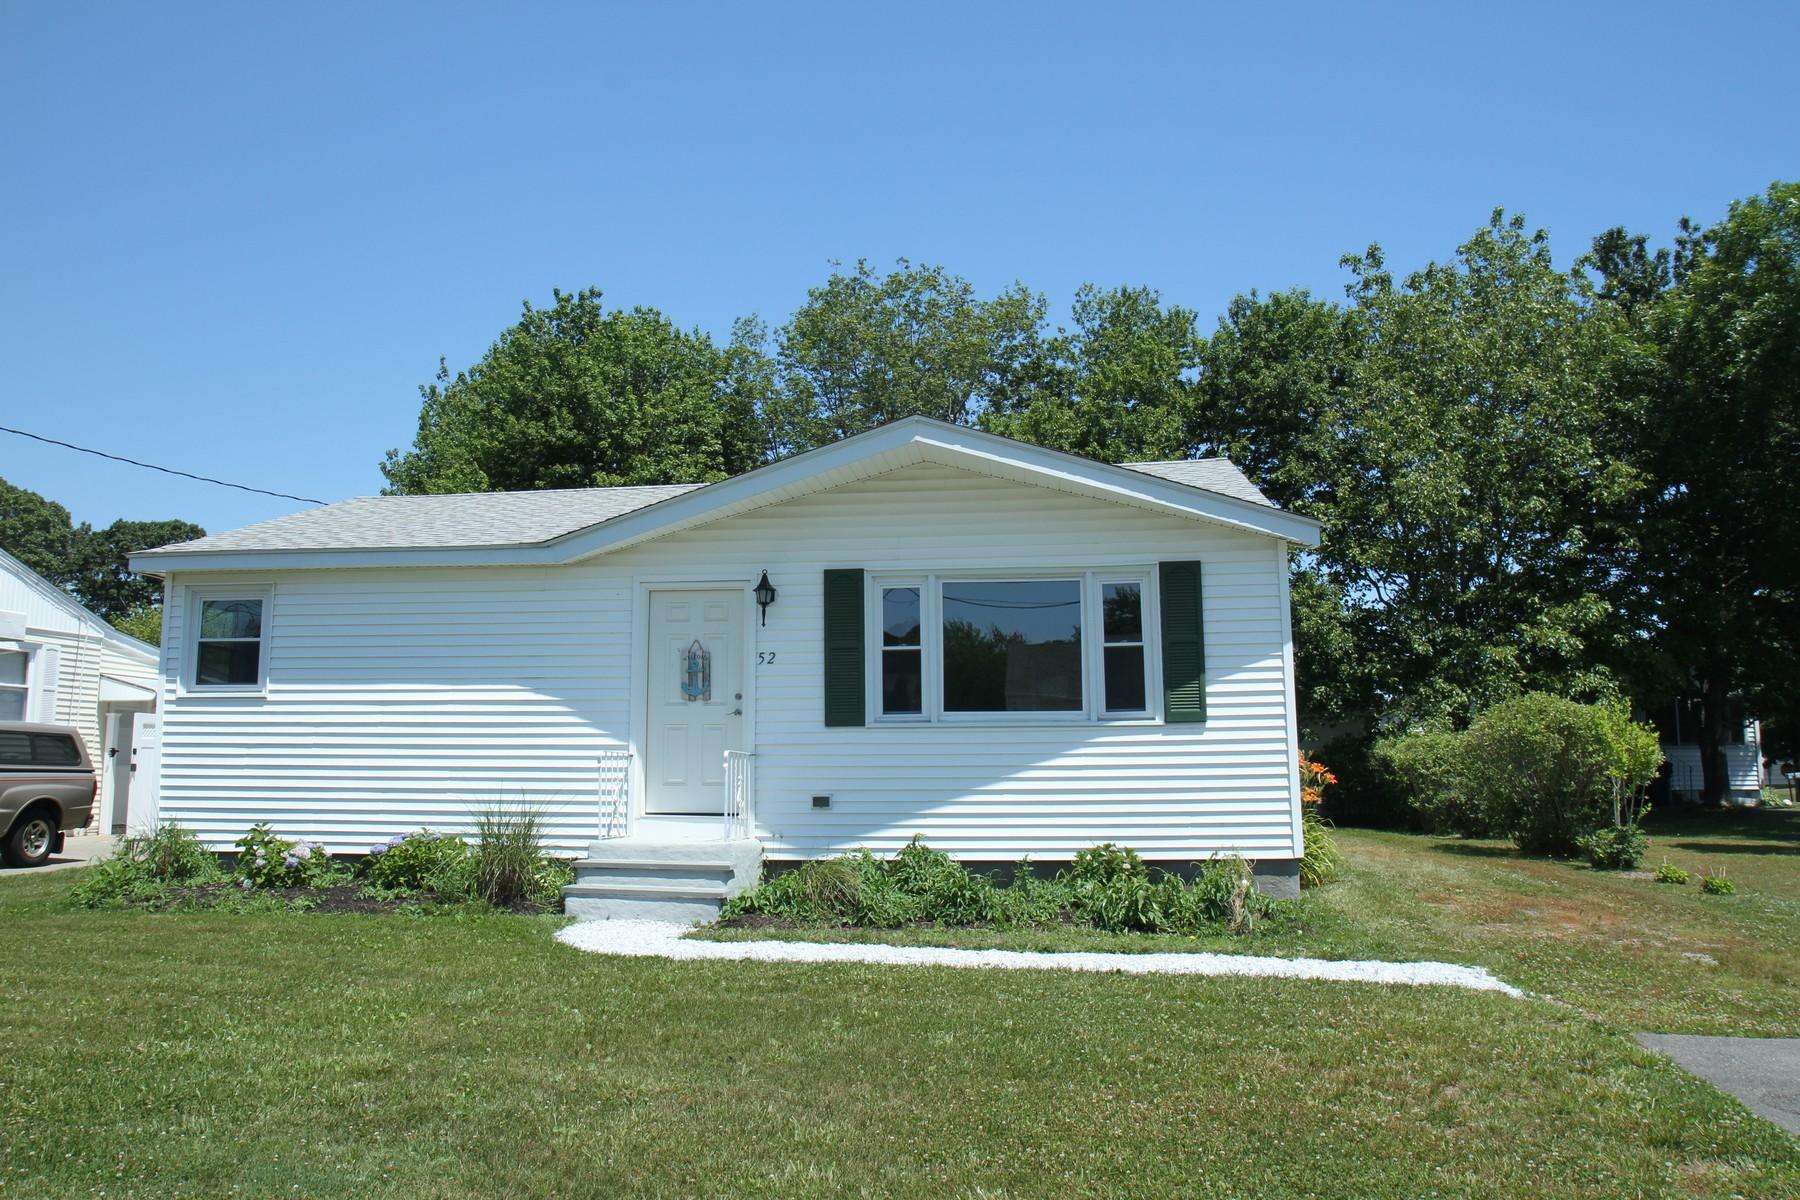 Einfamilienhaus für Verkauf beim Walk to the Beach 52 Biscayne Boulevard Old Lyme, Connecticut, 06371 Vereinigte Staaten